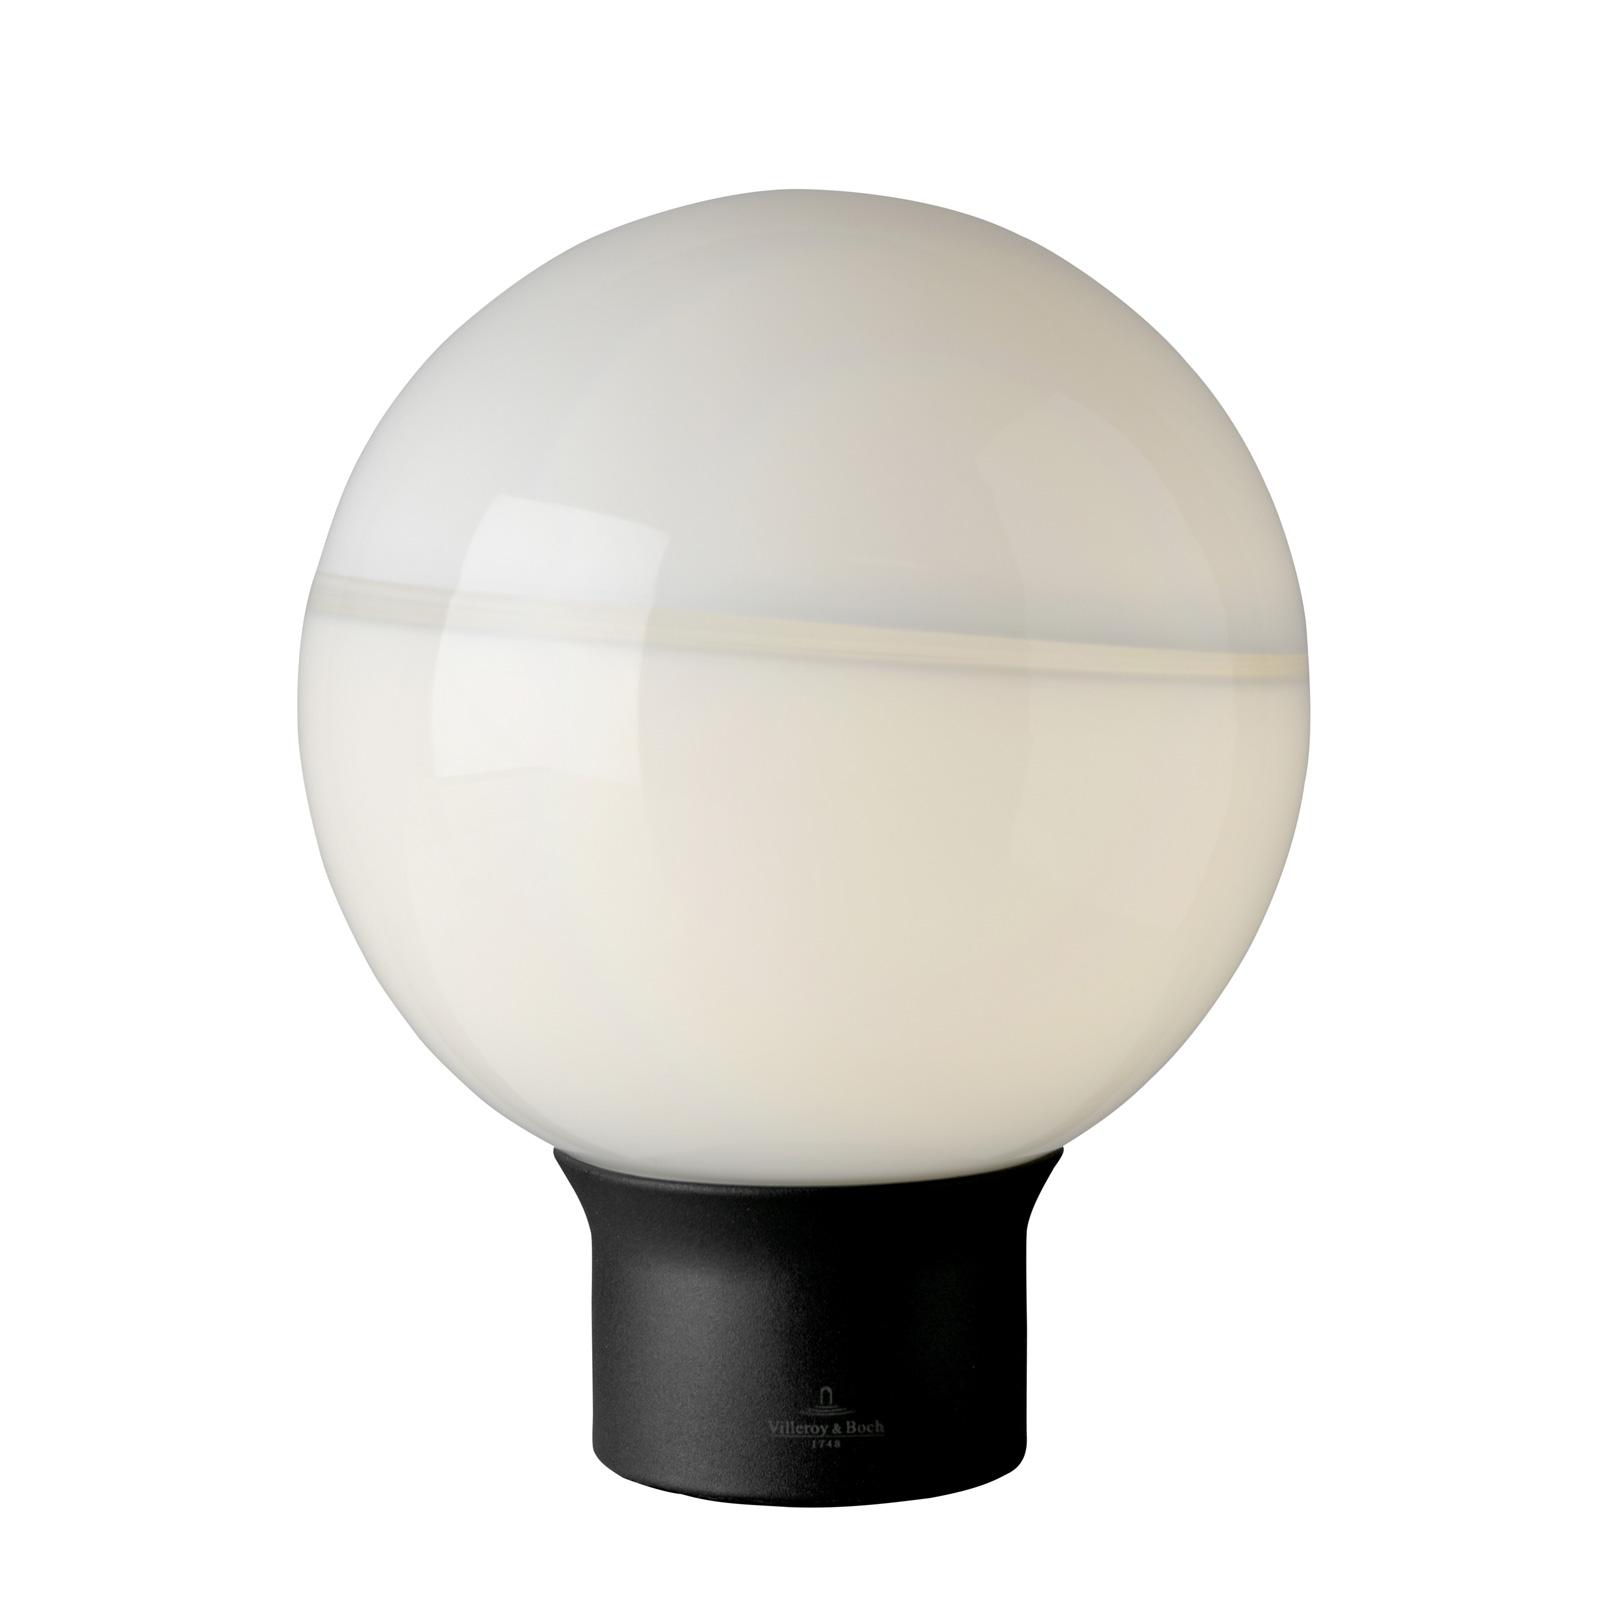 Villeroy & Boch Tokio Tischlampe schwarz-weiß 20cm